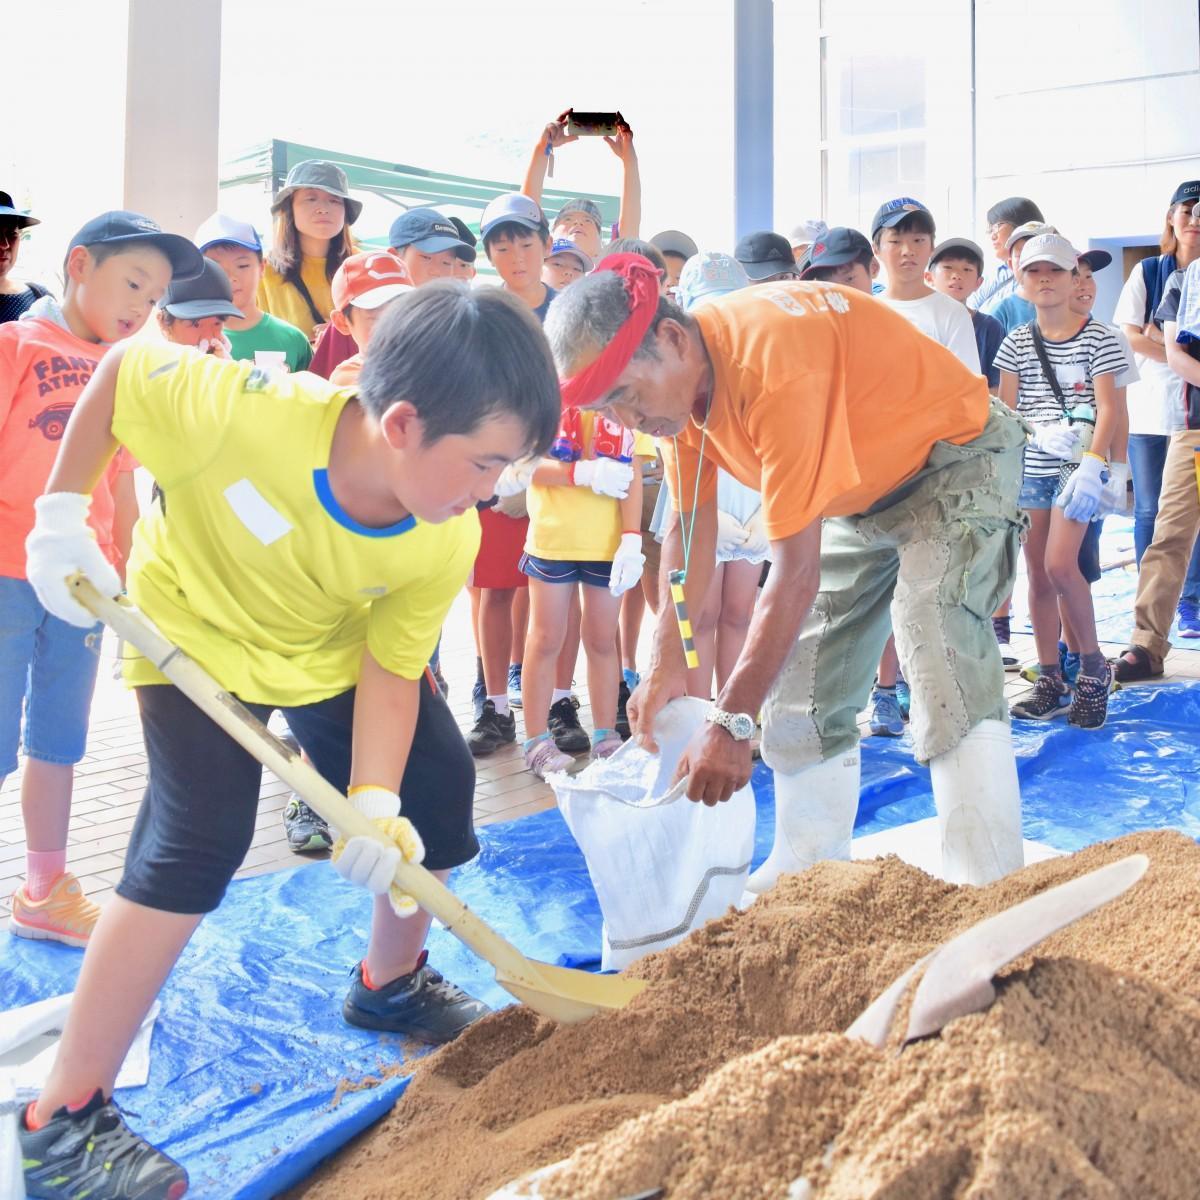 土のう作りに挑戦する小学生